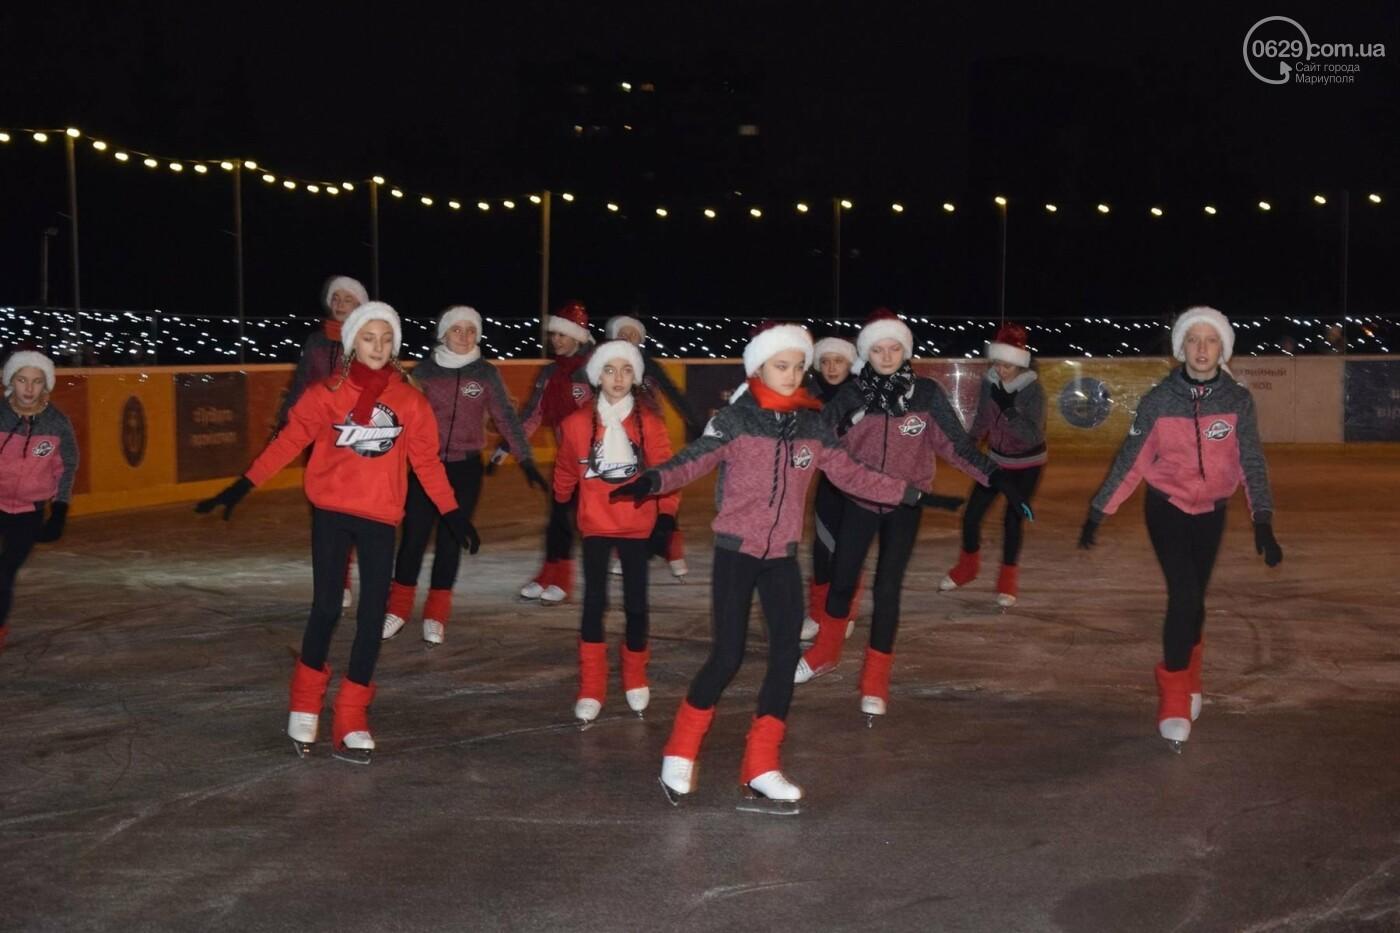 Открытие ледовой арены. Стоимость катания на городском  катке в  Мариуполе увеличилась вдвое  - ФОТО, ВИДЕО, фото-5